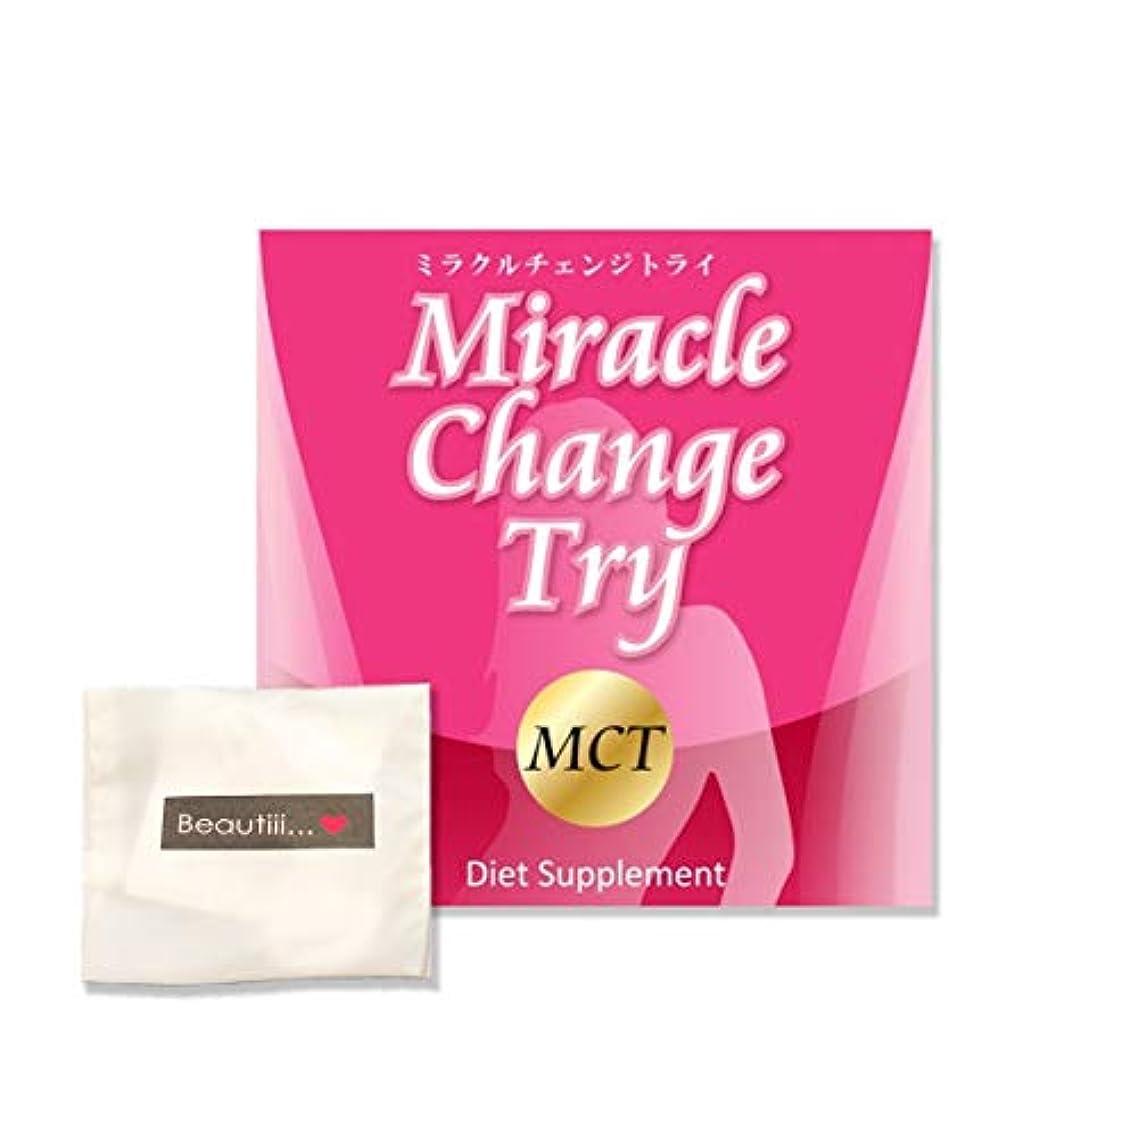 役に立つ広範囲安定Beautiiiセット & Miracle Change Try ミラクルチェンジトライ 60粒【ギフトセット】SNSで話題!大人気!